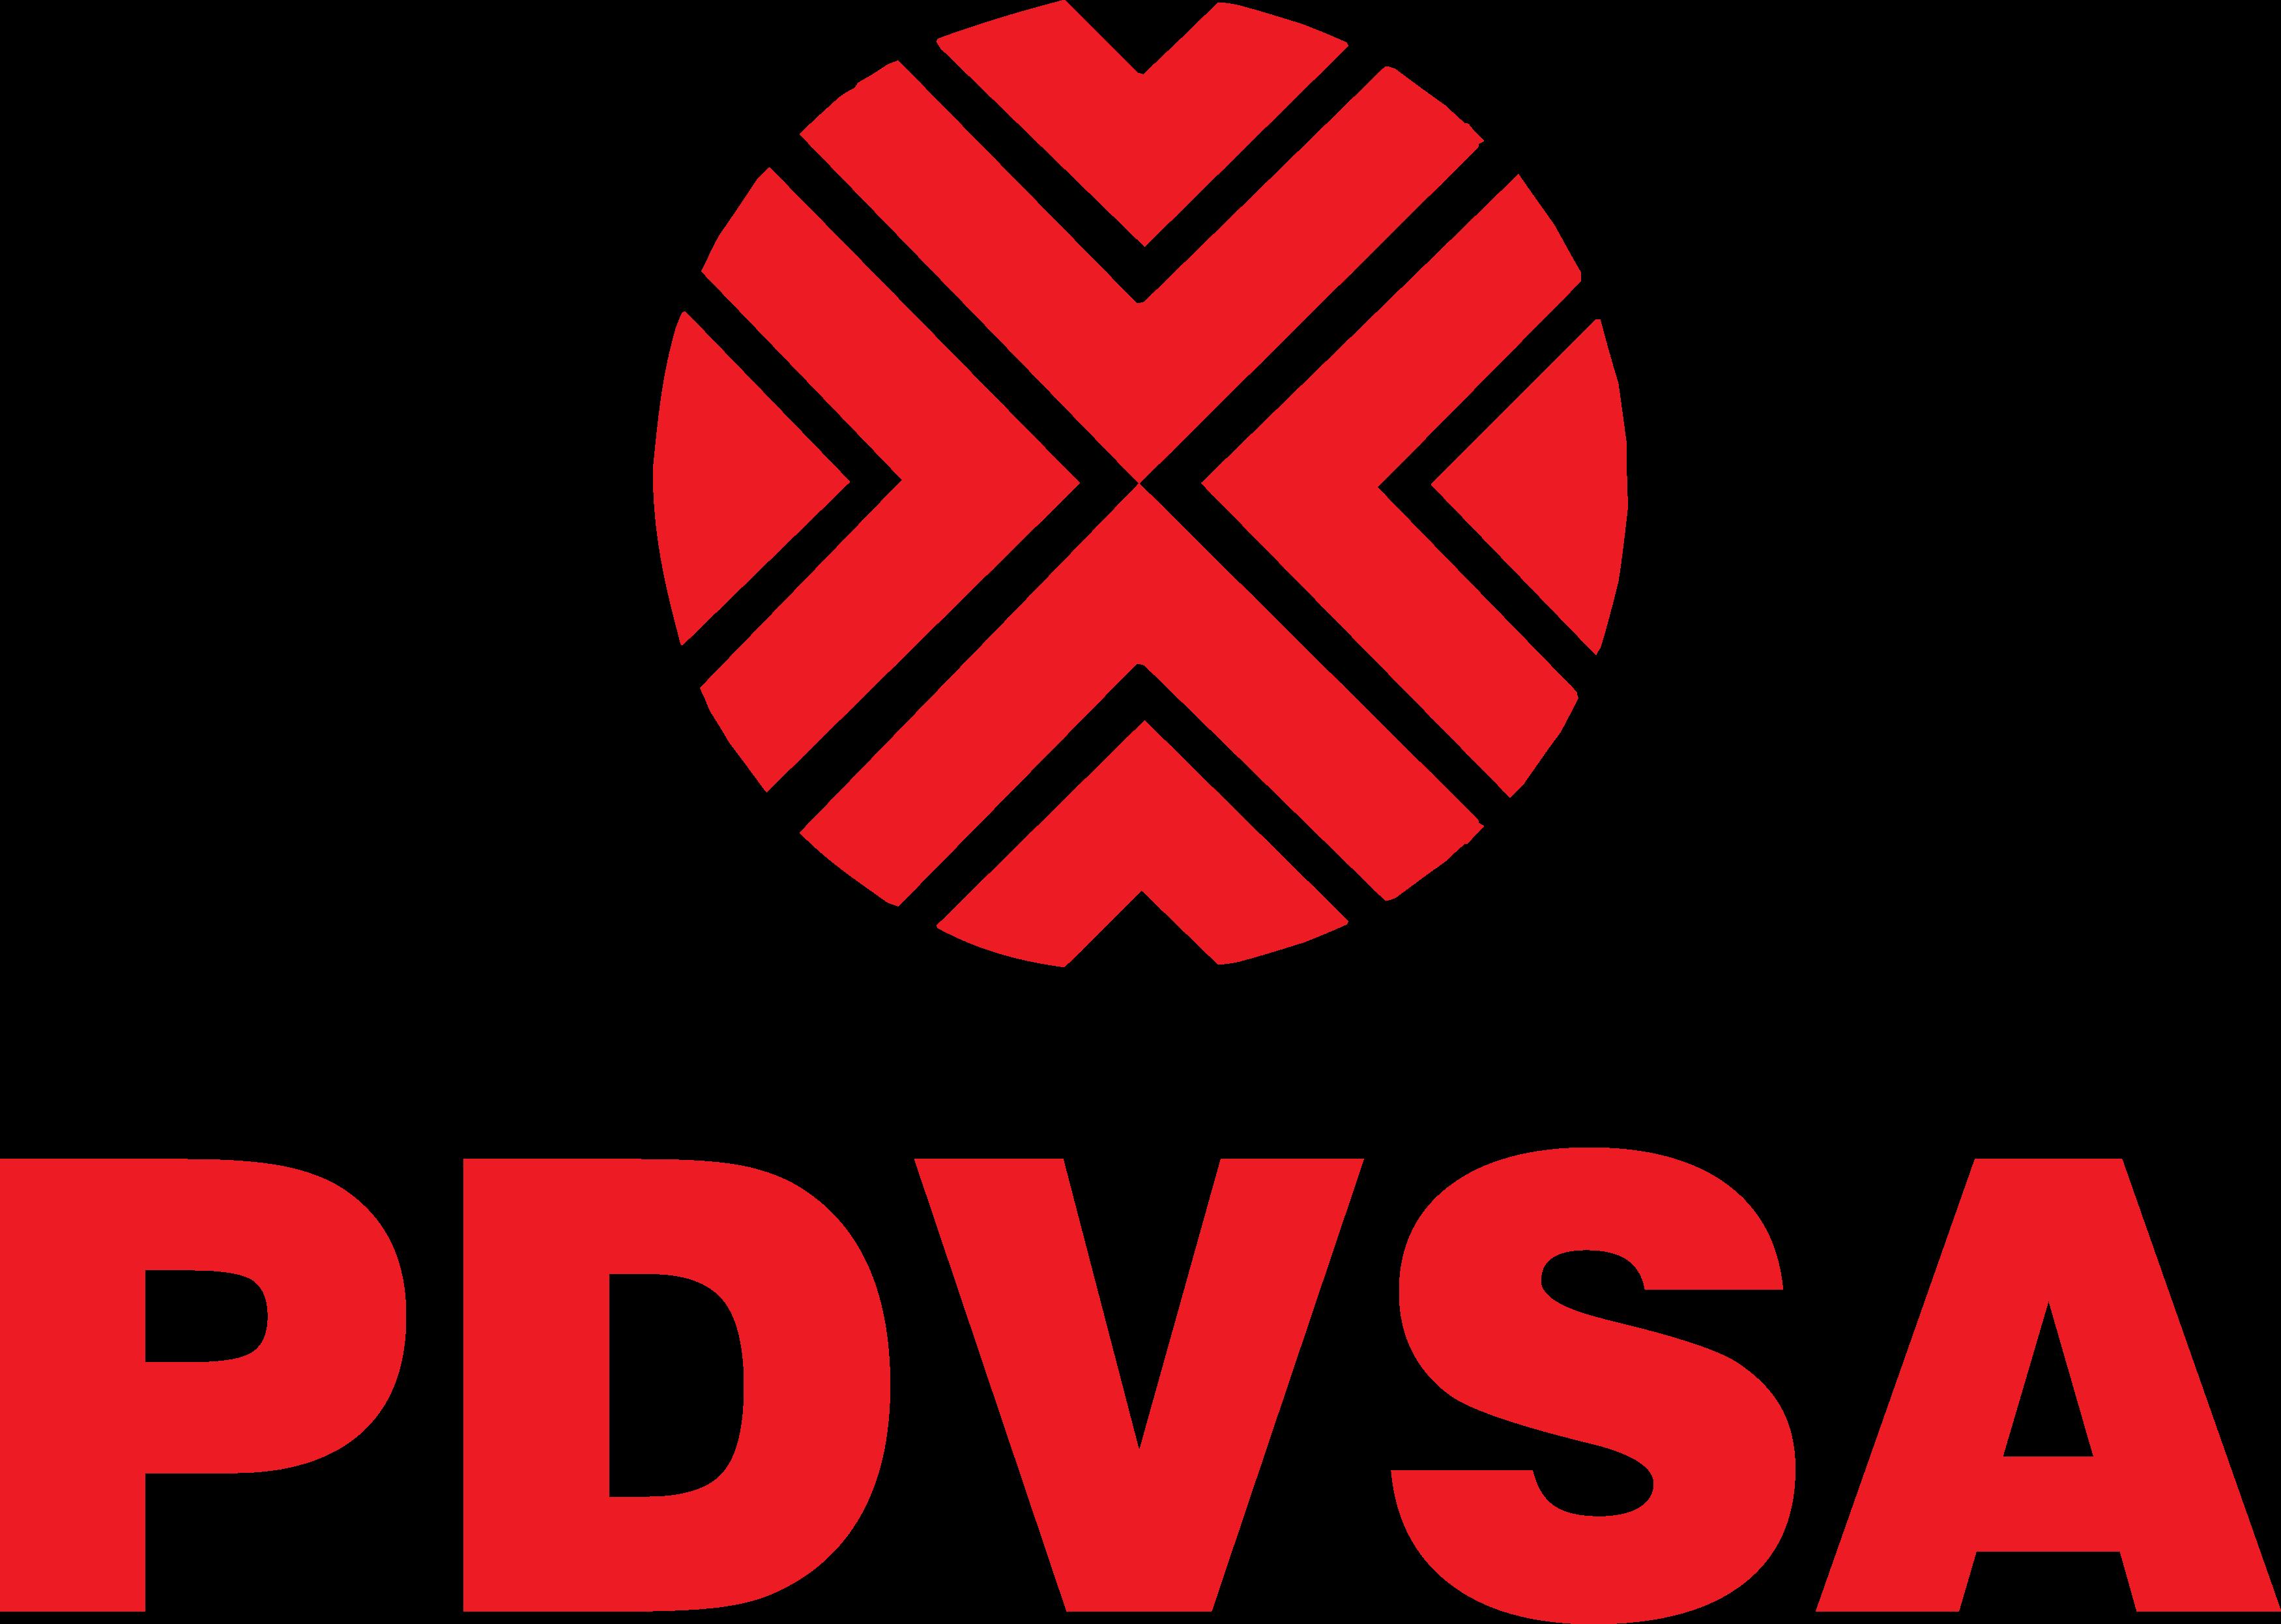 pdvsa logo  - PDVSA Logo